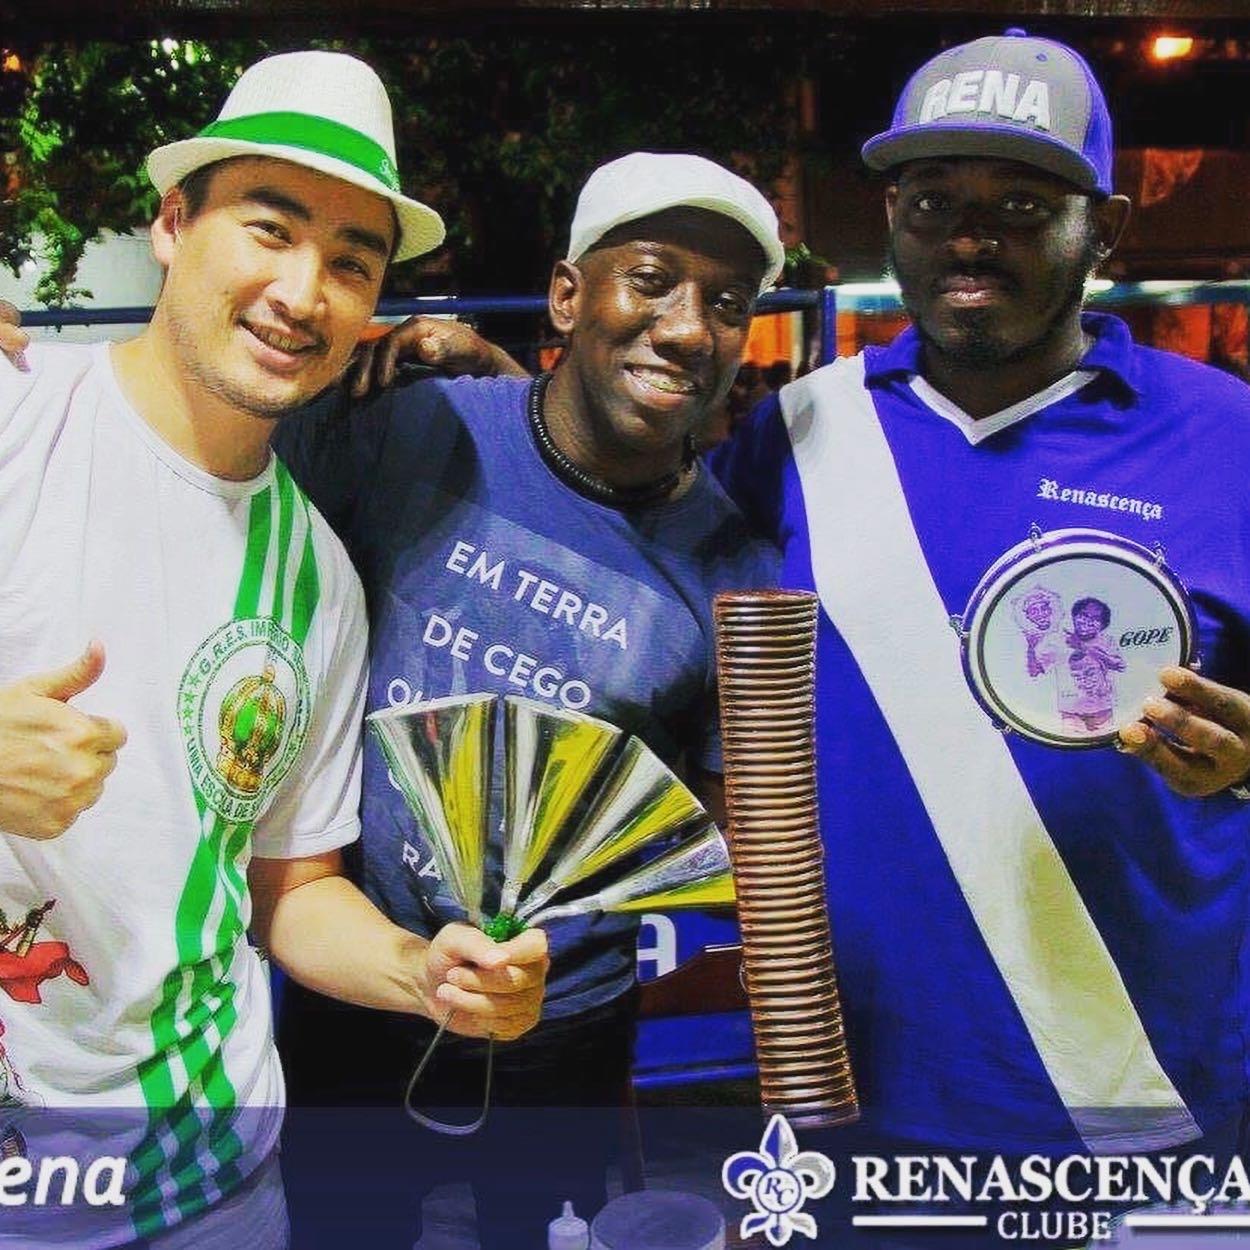 【本場RIOの本物のSambistaの作品に参加♬】 #MingoSilva ミンゴ・シウヴァ Samba do Trabalhadorメンバー/ブラジル音楽大賞受賞者_b0032617_02280529.jpeg